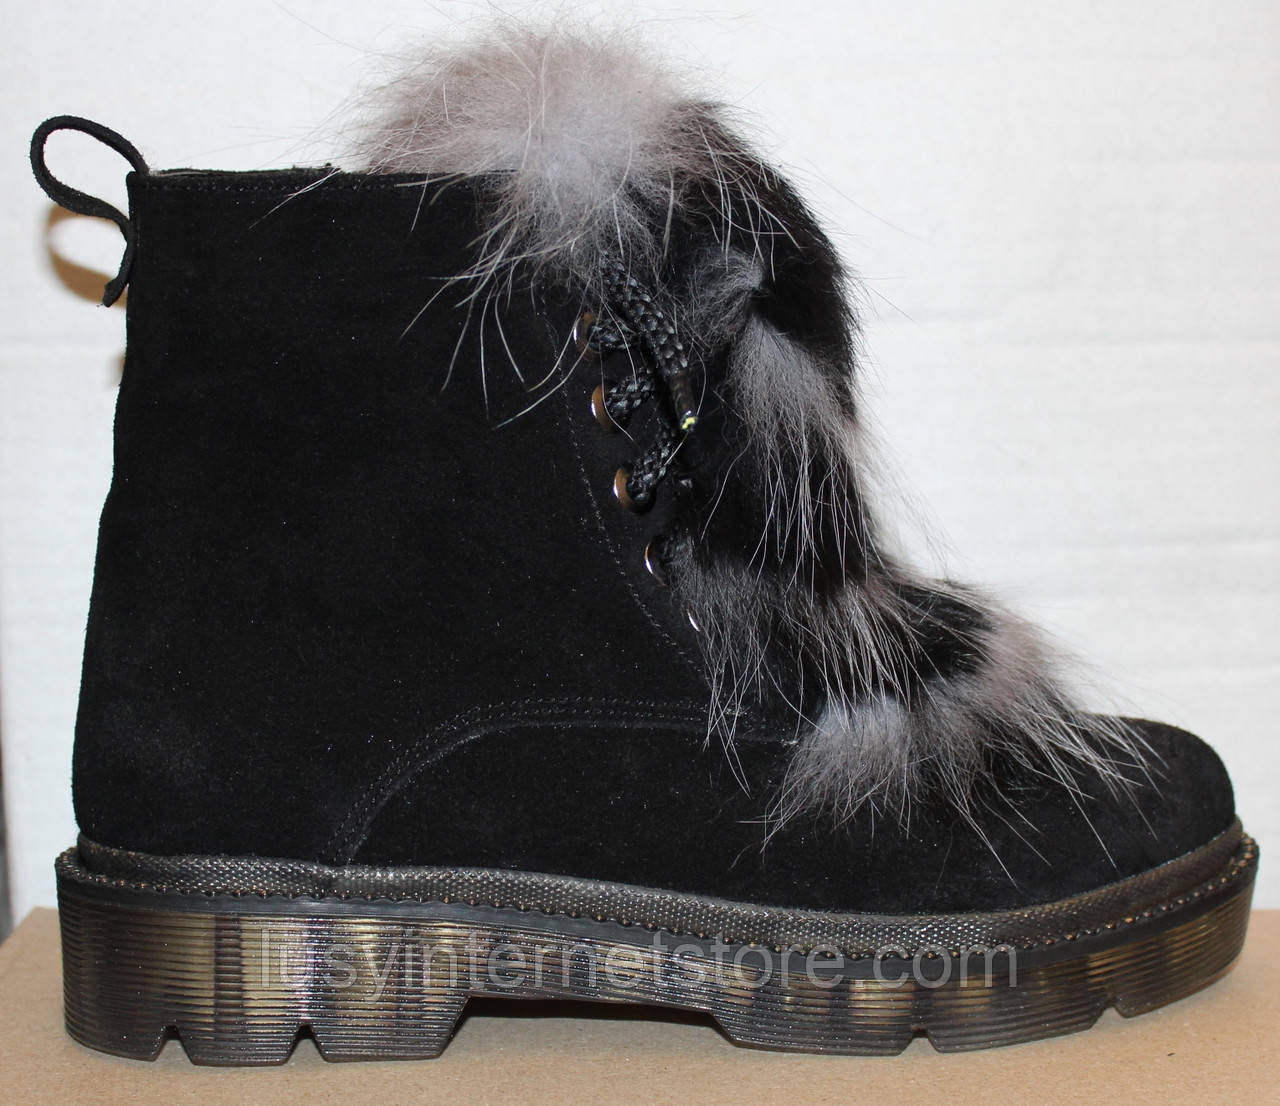 Ботинки зимние женские с натуральным мехом от производителя модель УН500-1